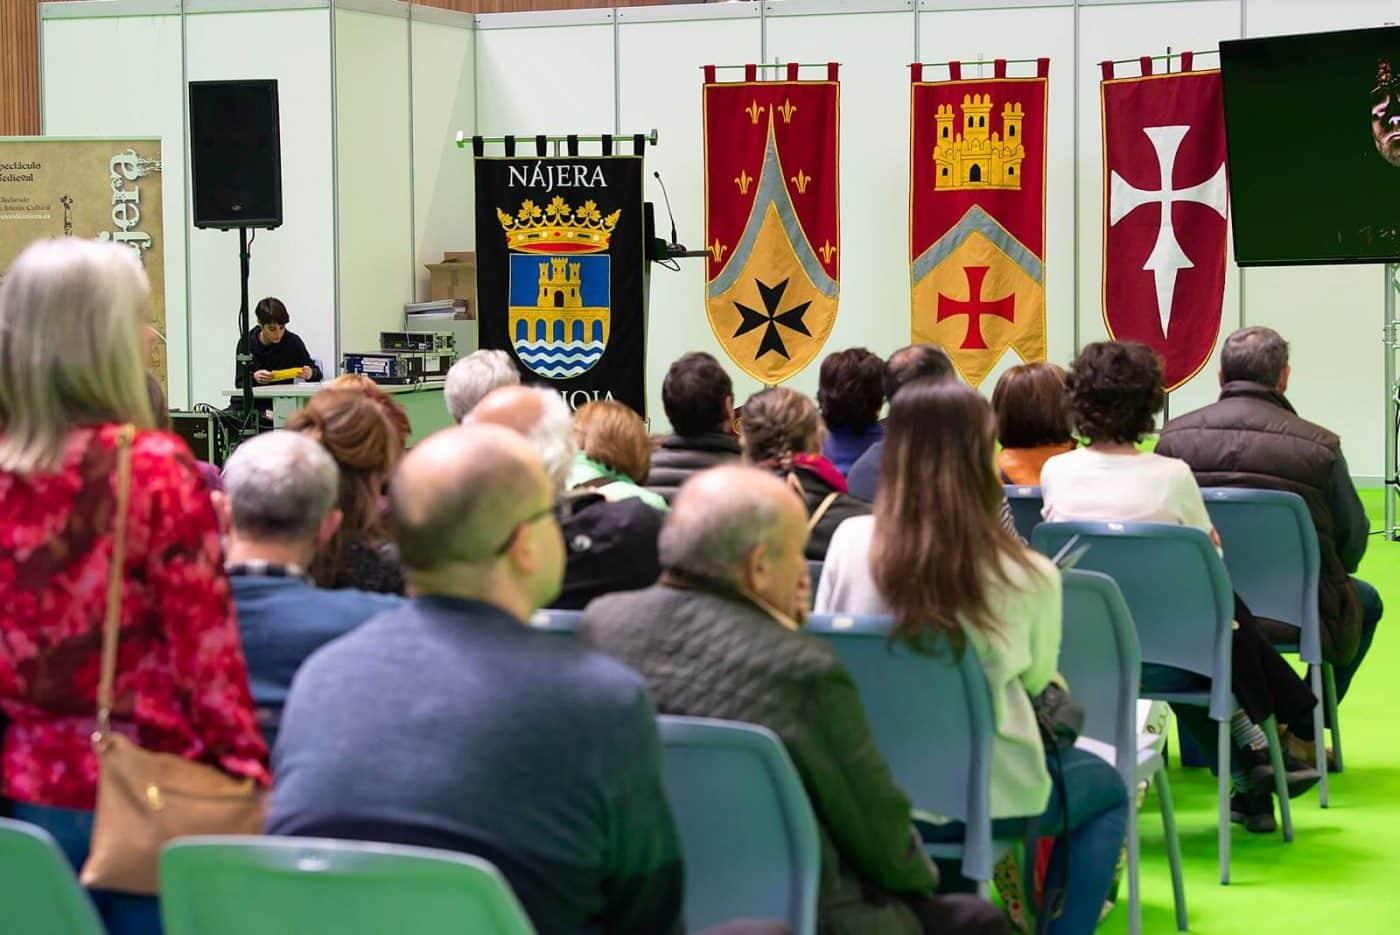 El Reino de Nájera conquista Expovacaciones con una invitada especial 4